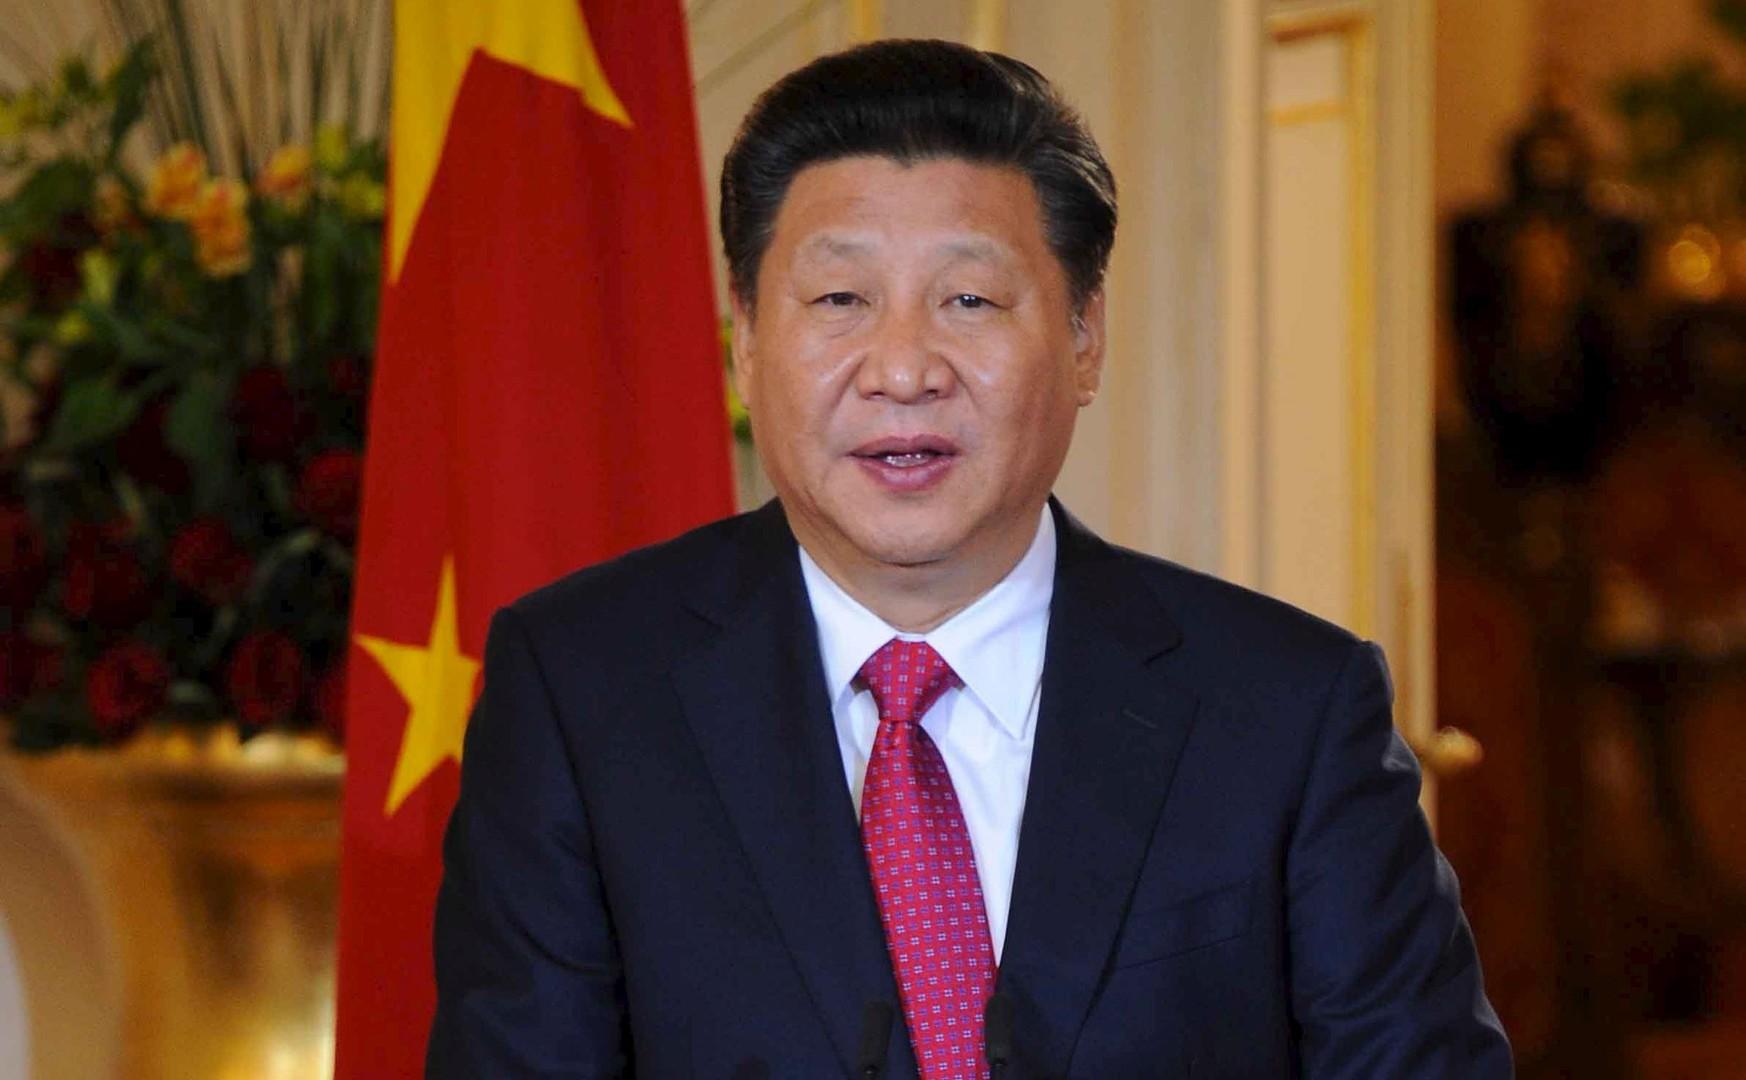 Xi Jinping : la Chine soutient un Etat palestinien souverain avec sa capitale à Jérusalem-Est